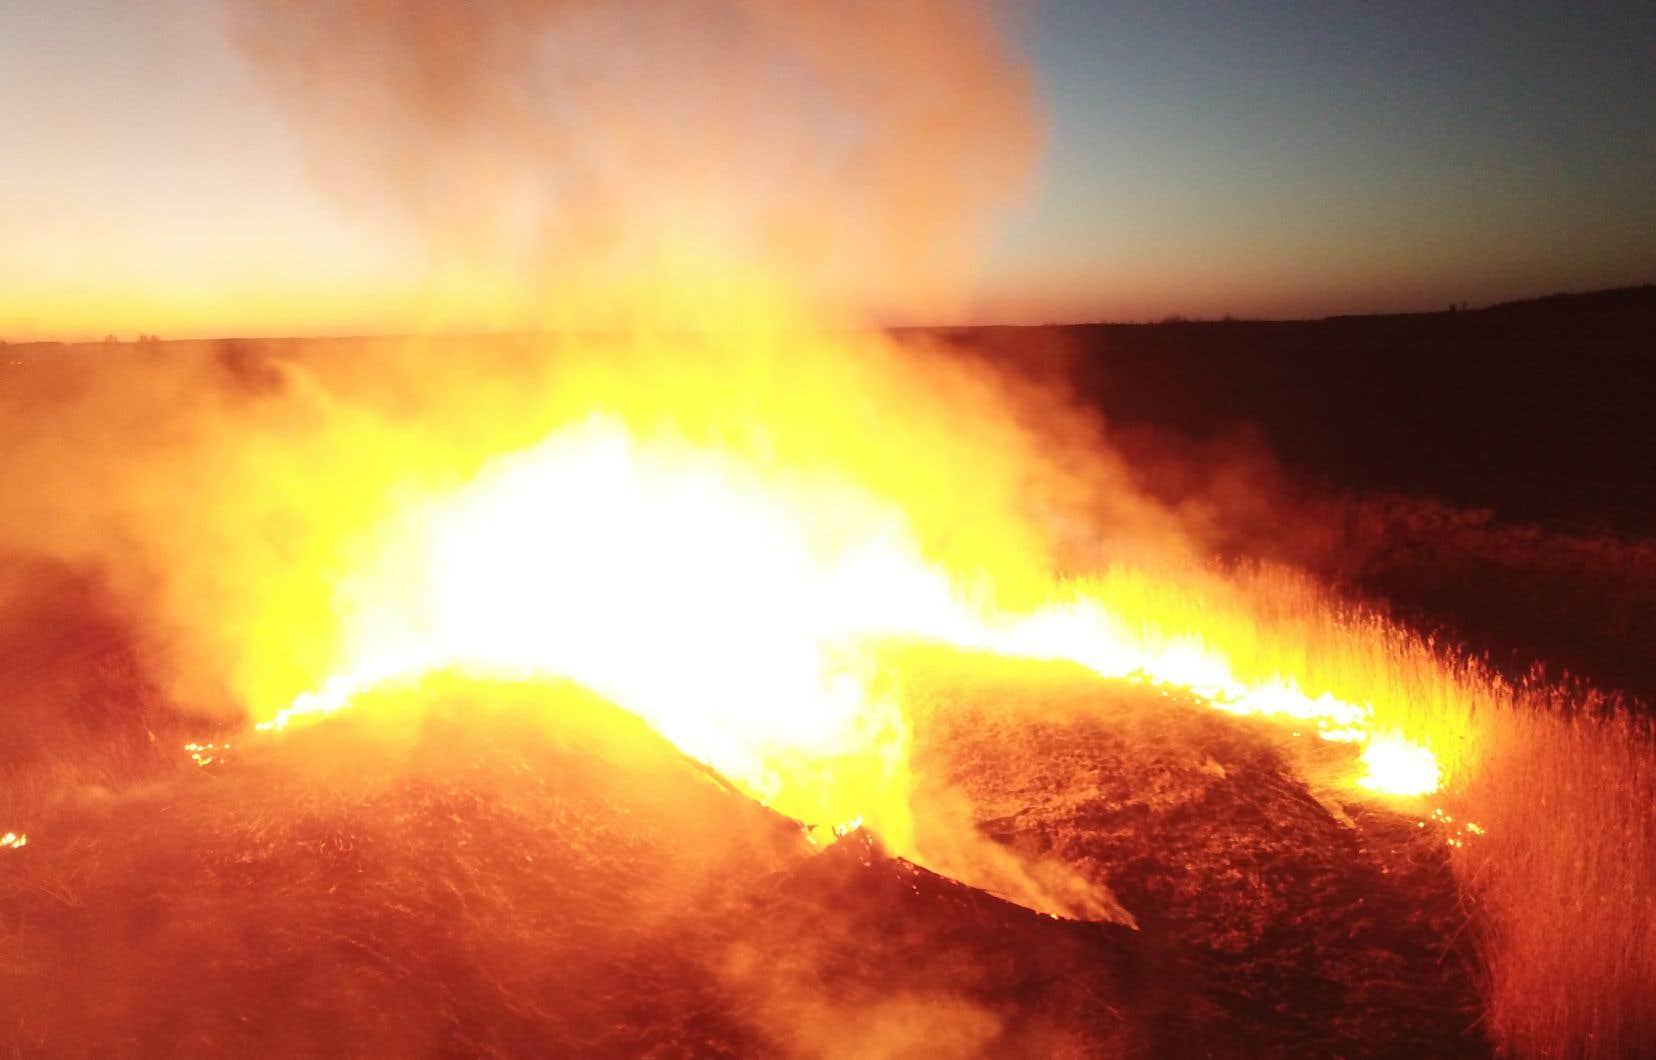 Les pompiers continuaient lundi de lutter contre les flammes qui s'étendaient sur environ 20 hectares dans la zone d'exclusion entourant la centrale de Tchernobyl, en Ukraine.